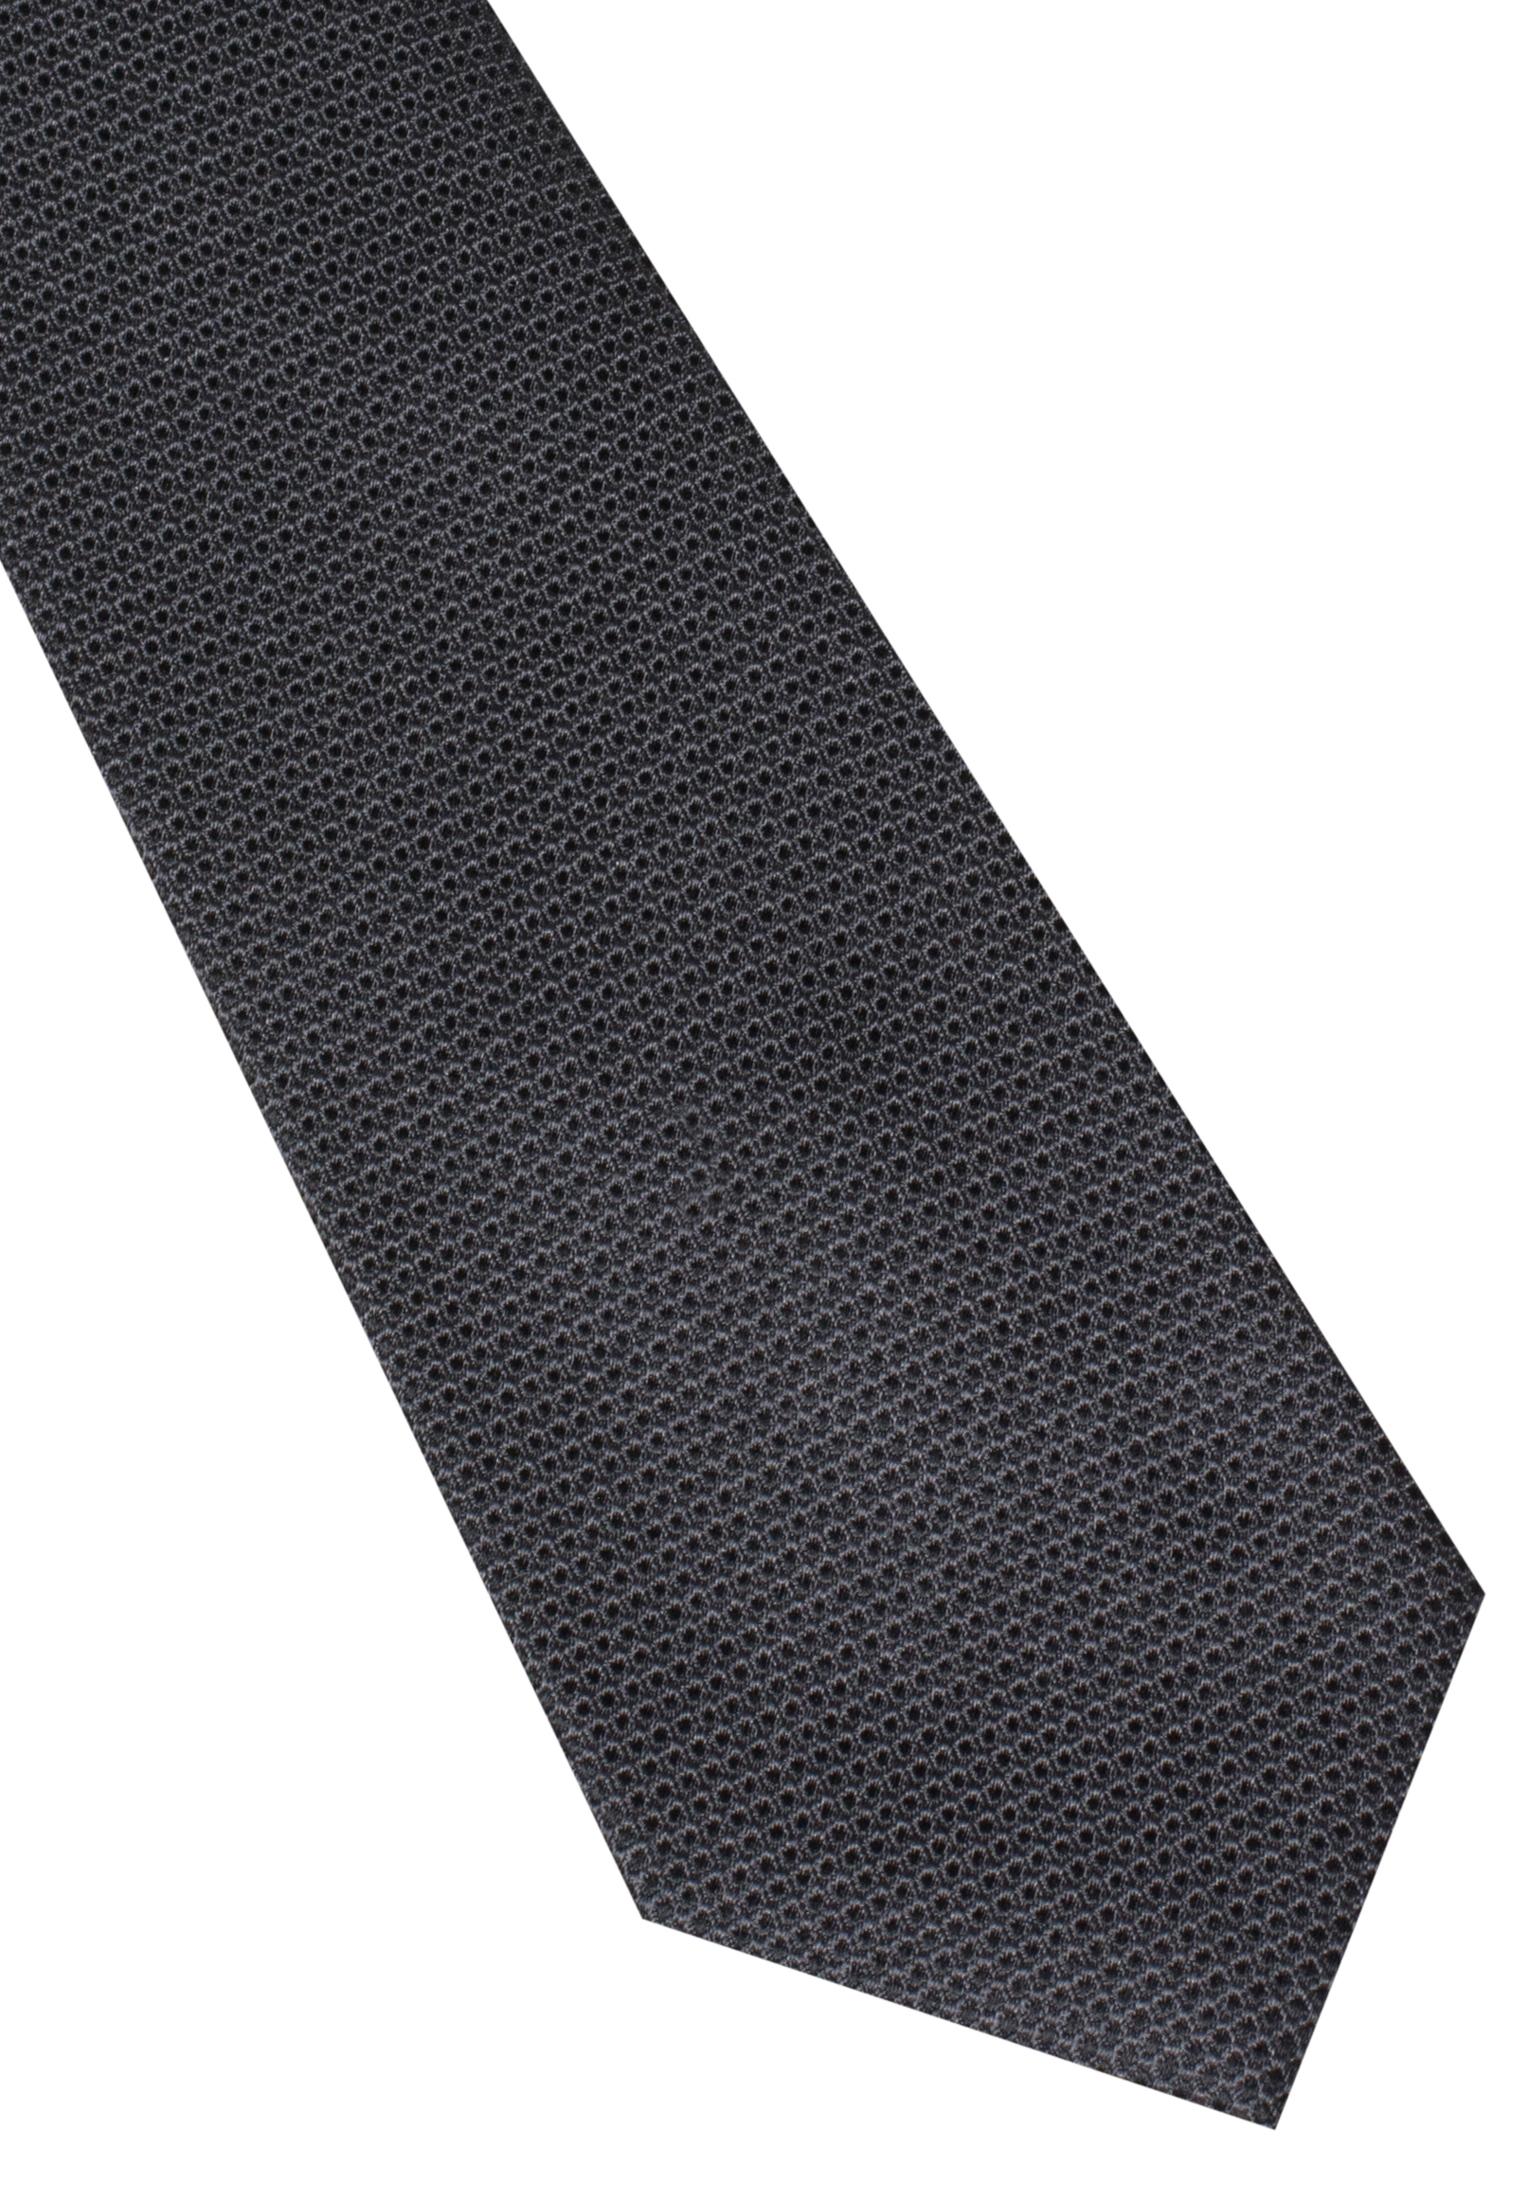 ETERNA 9068 Krawatte Seide schwarz